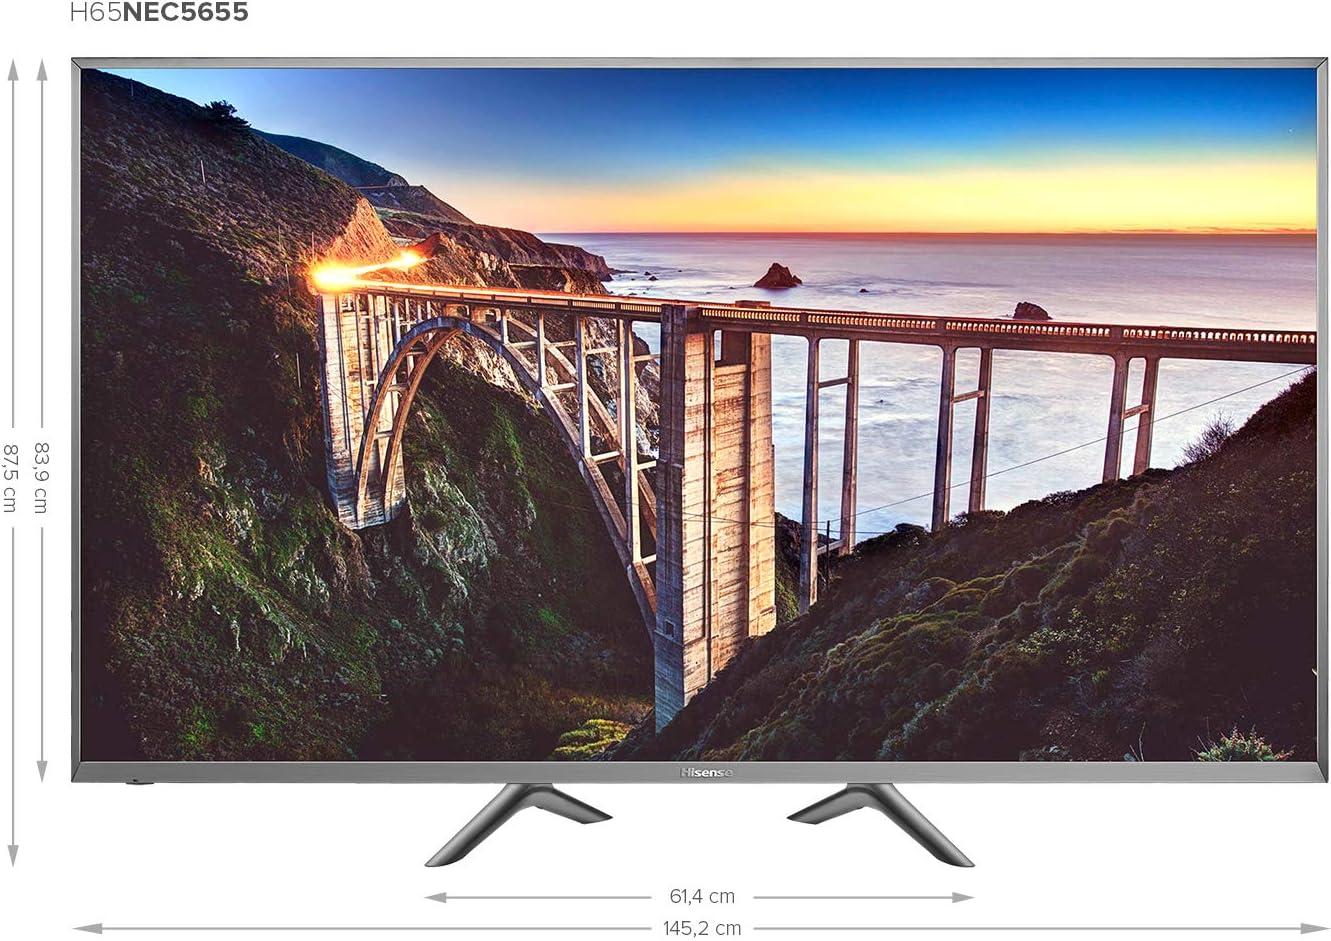 Hisense H65NEC5655 - Televisor (Ultra HD, sintonizador triple, Smart TV): Amazon.es: Electrónica